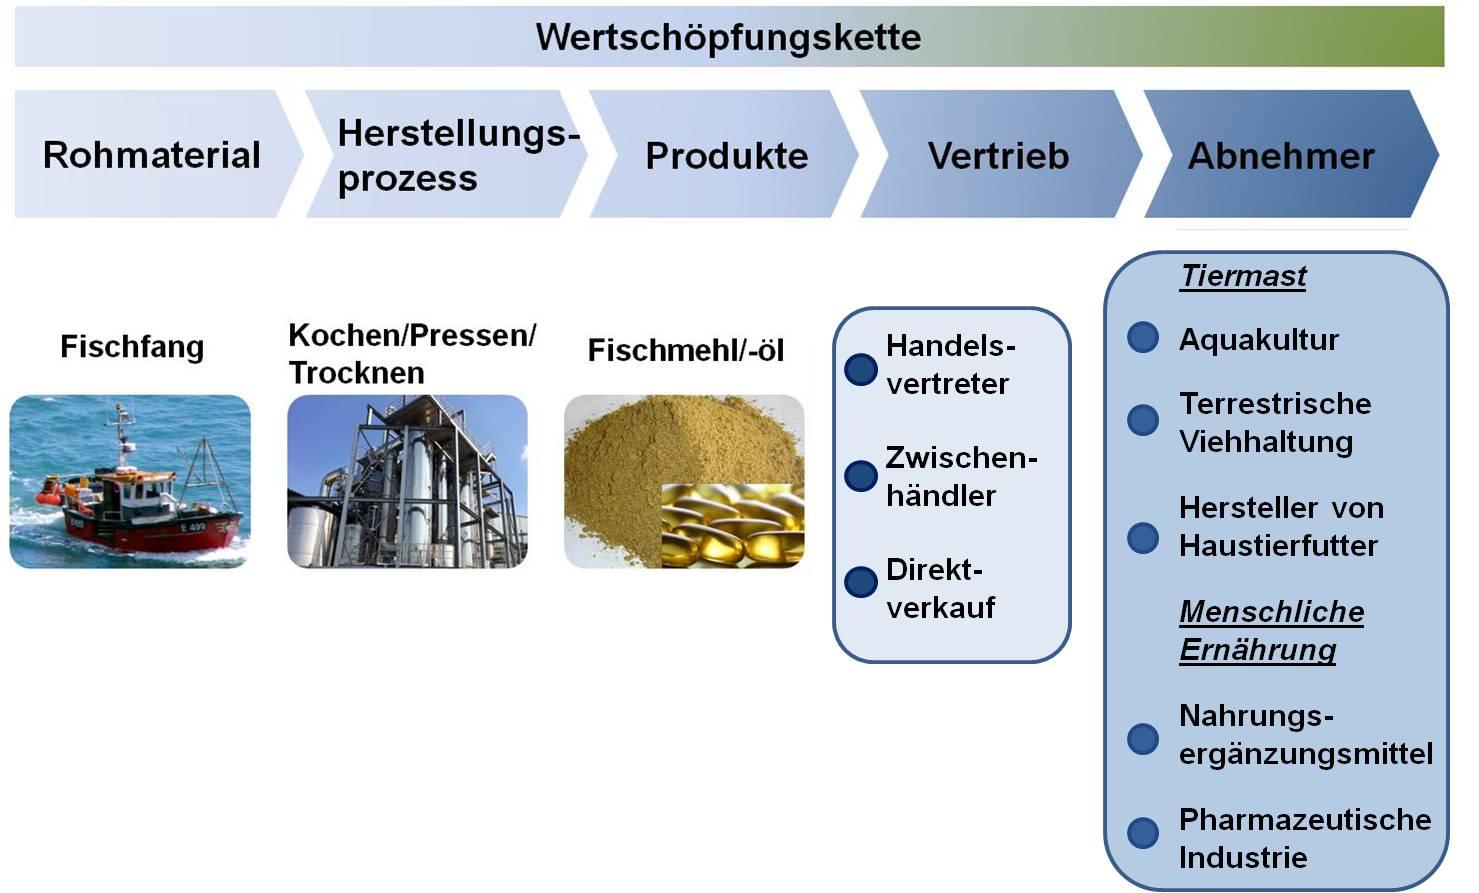 Wertschöpfungskette Fischöl